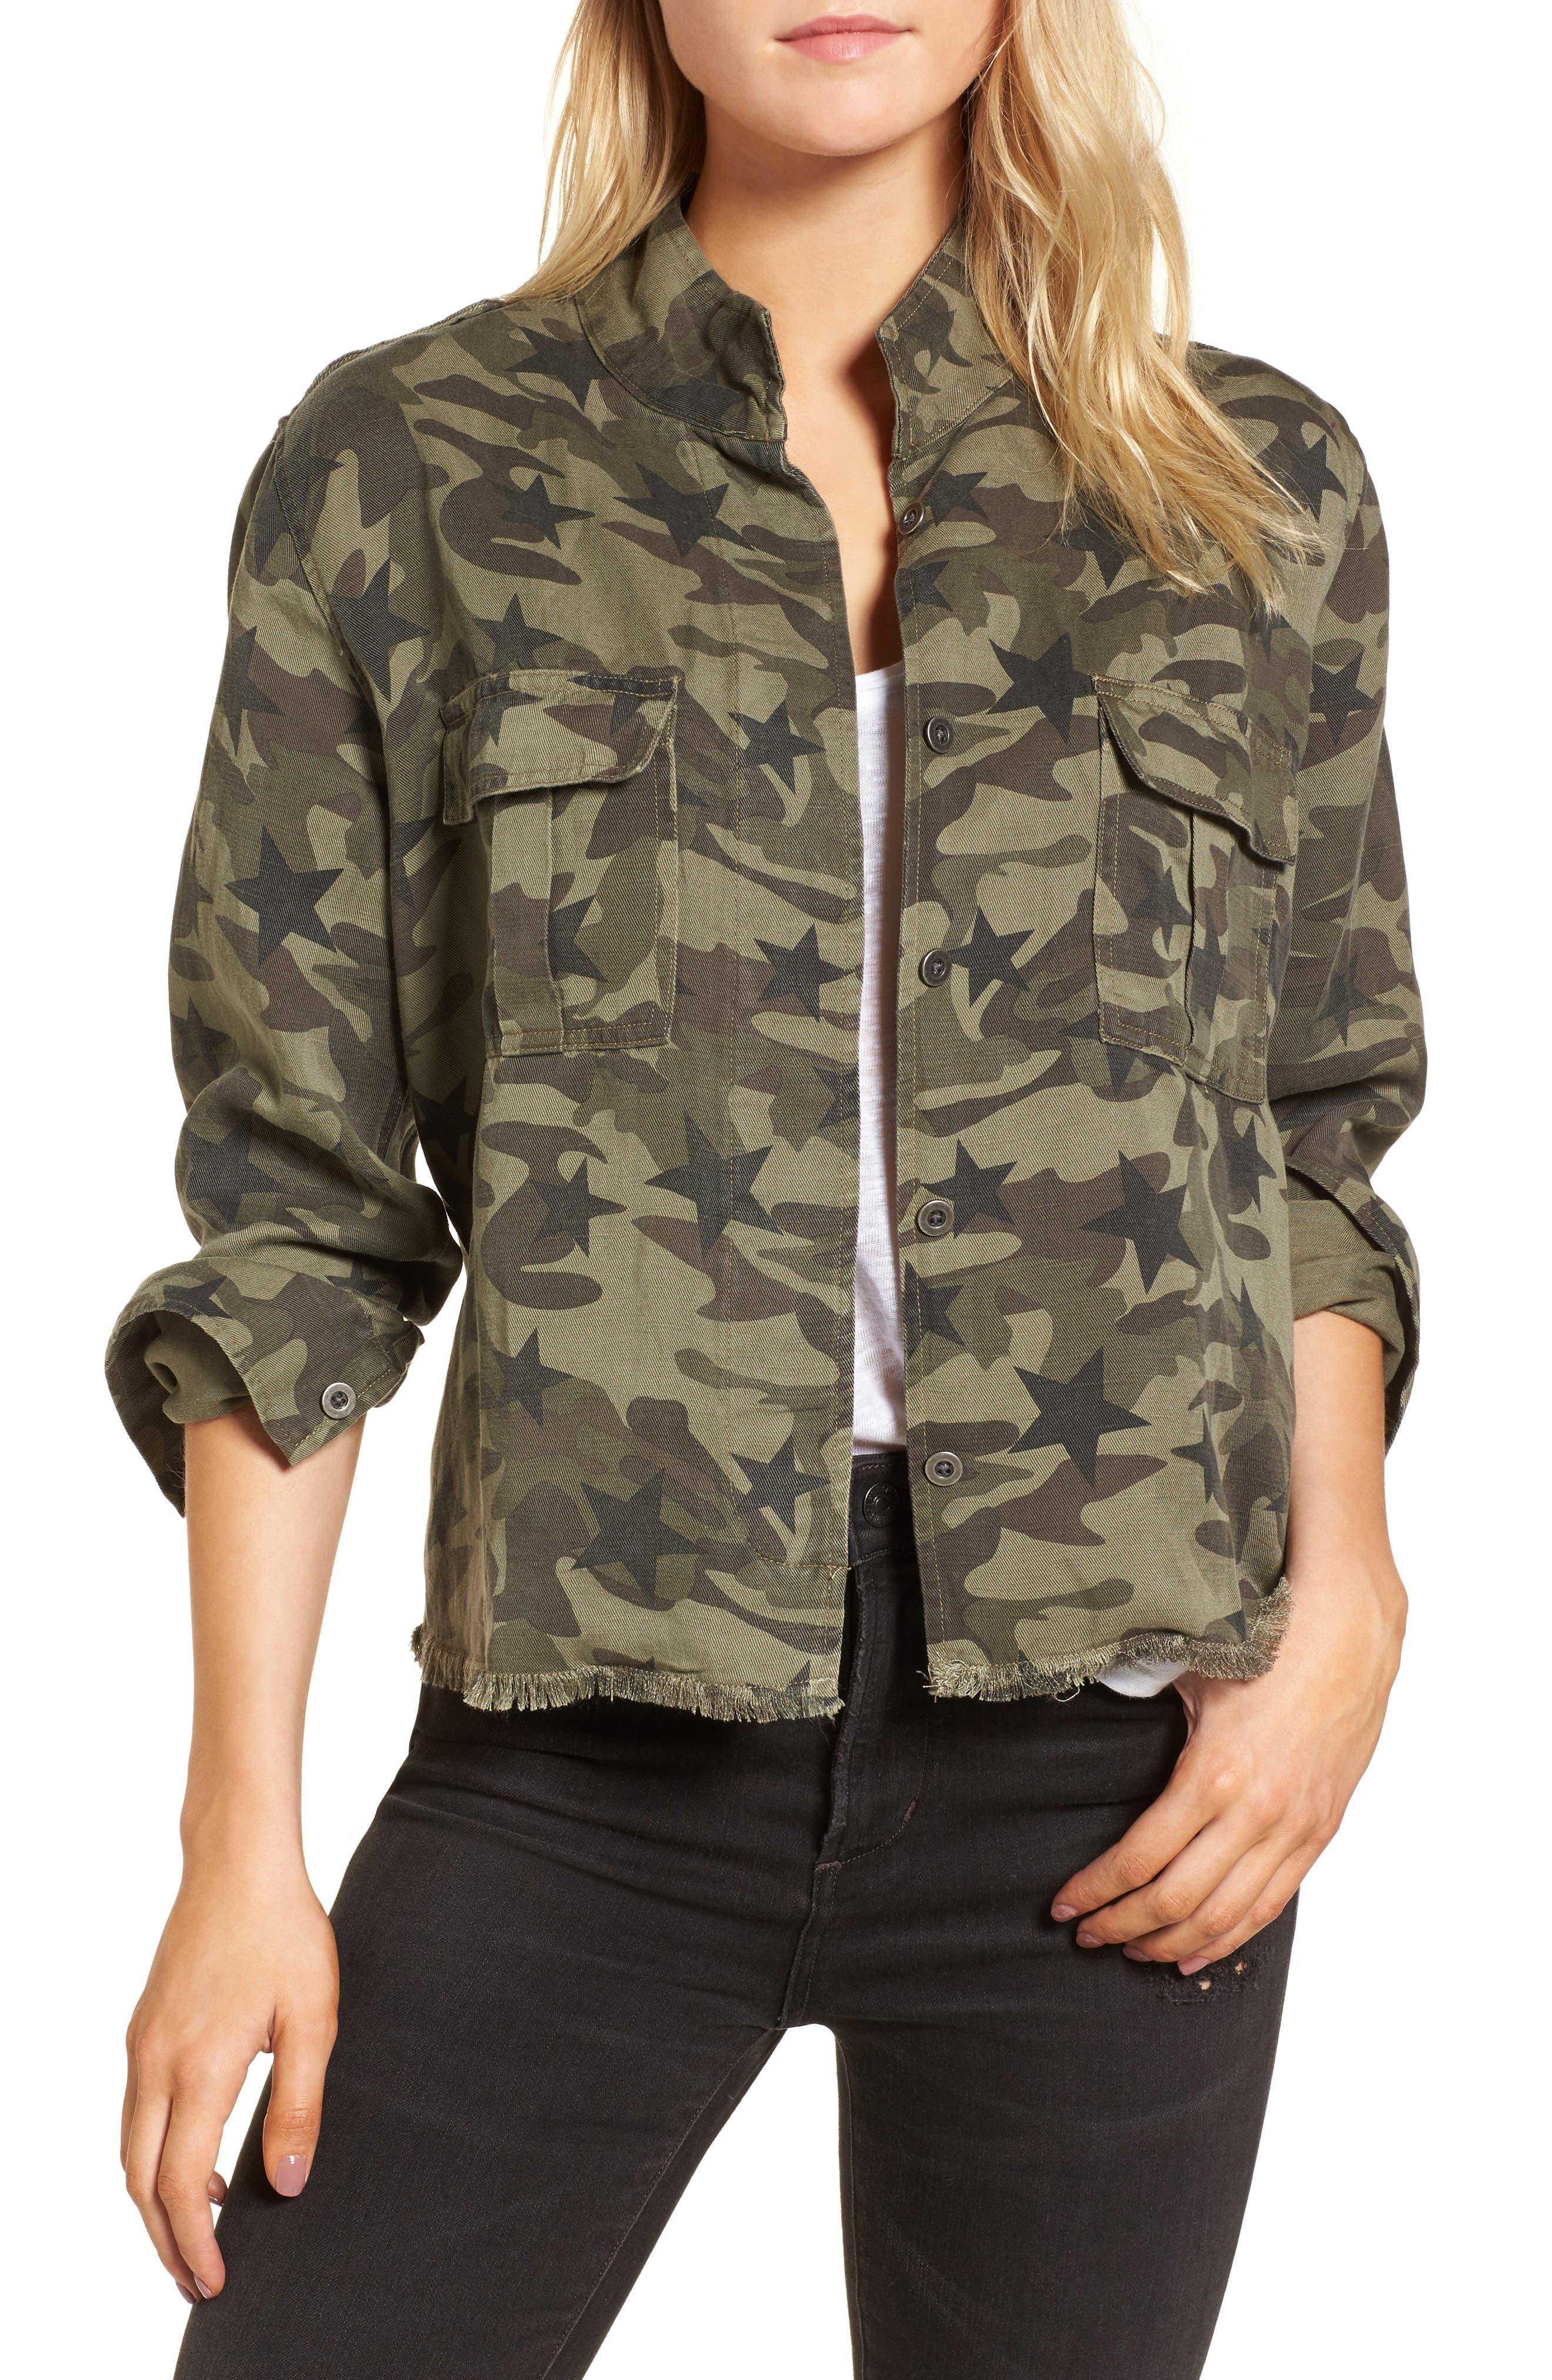 Hendrick Camo Military Jacket,                             Main thumbnail 1, color,                             303